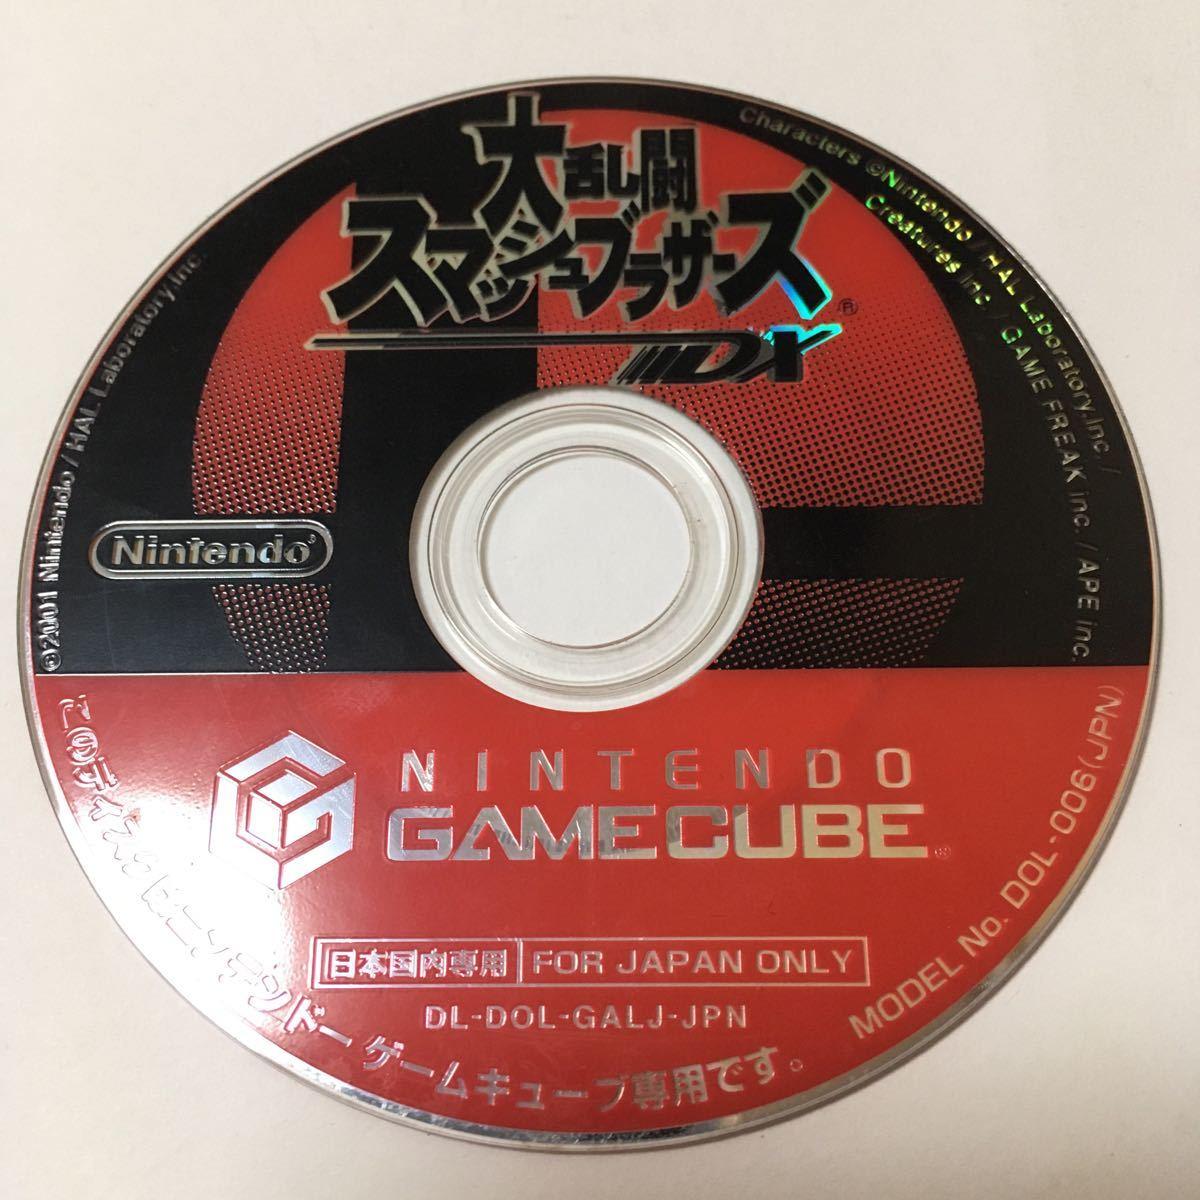 ゲームキューブ ソフト 大乱闘スマッシュブラザーズ ディスクのみ 動作確認済み スマブラ